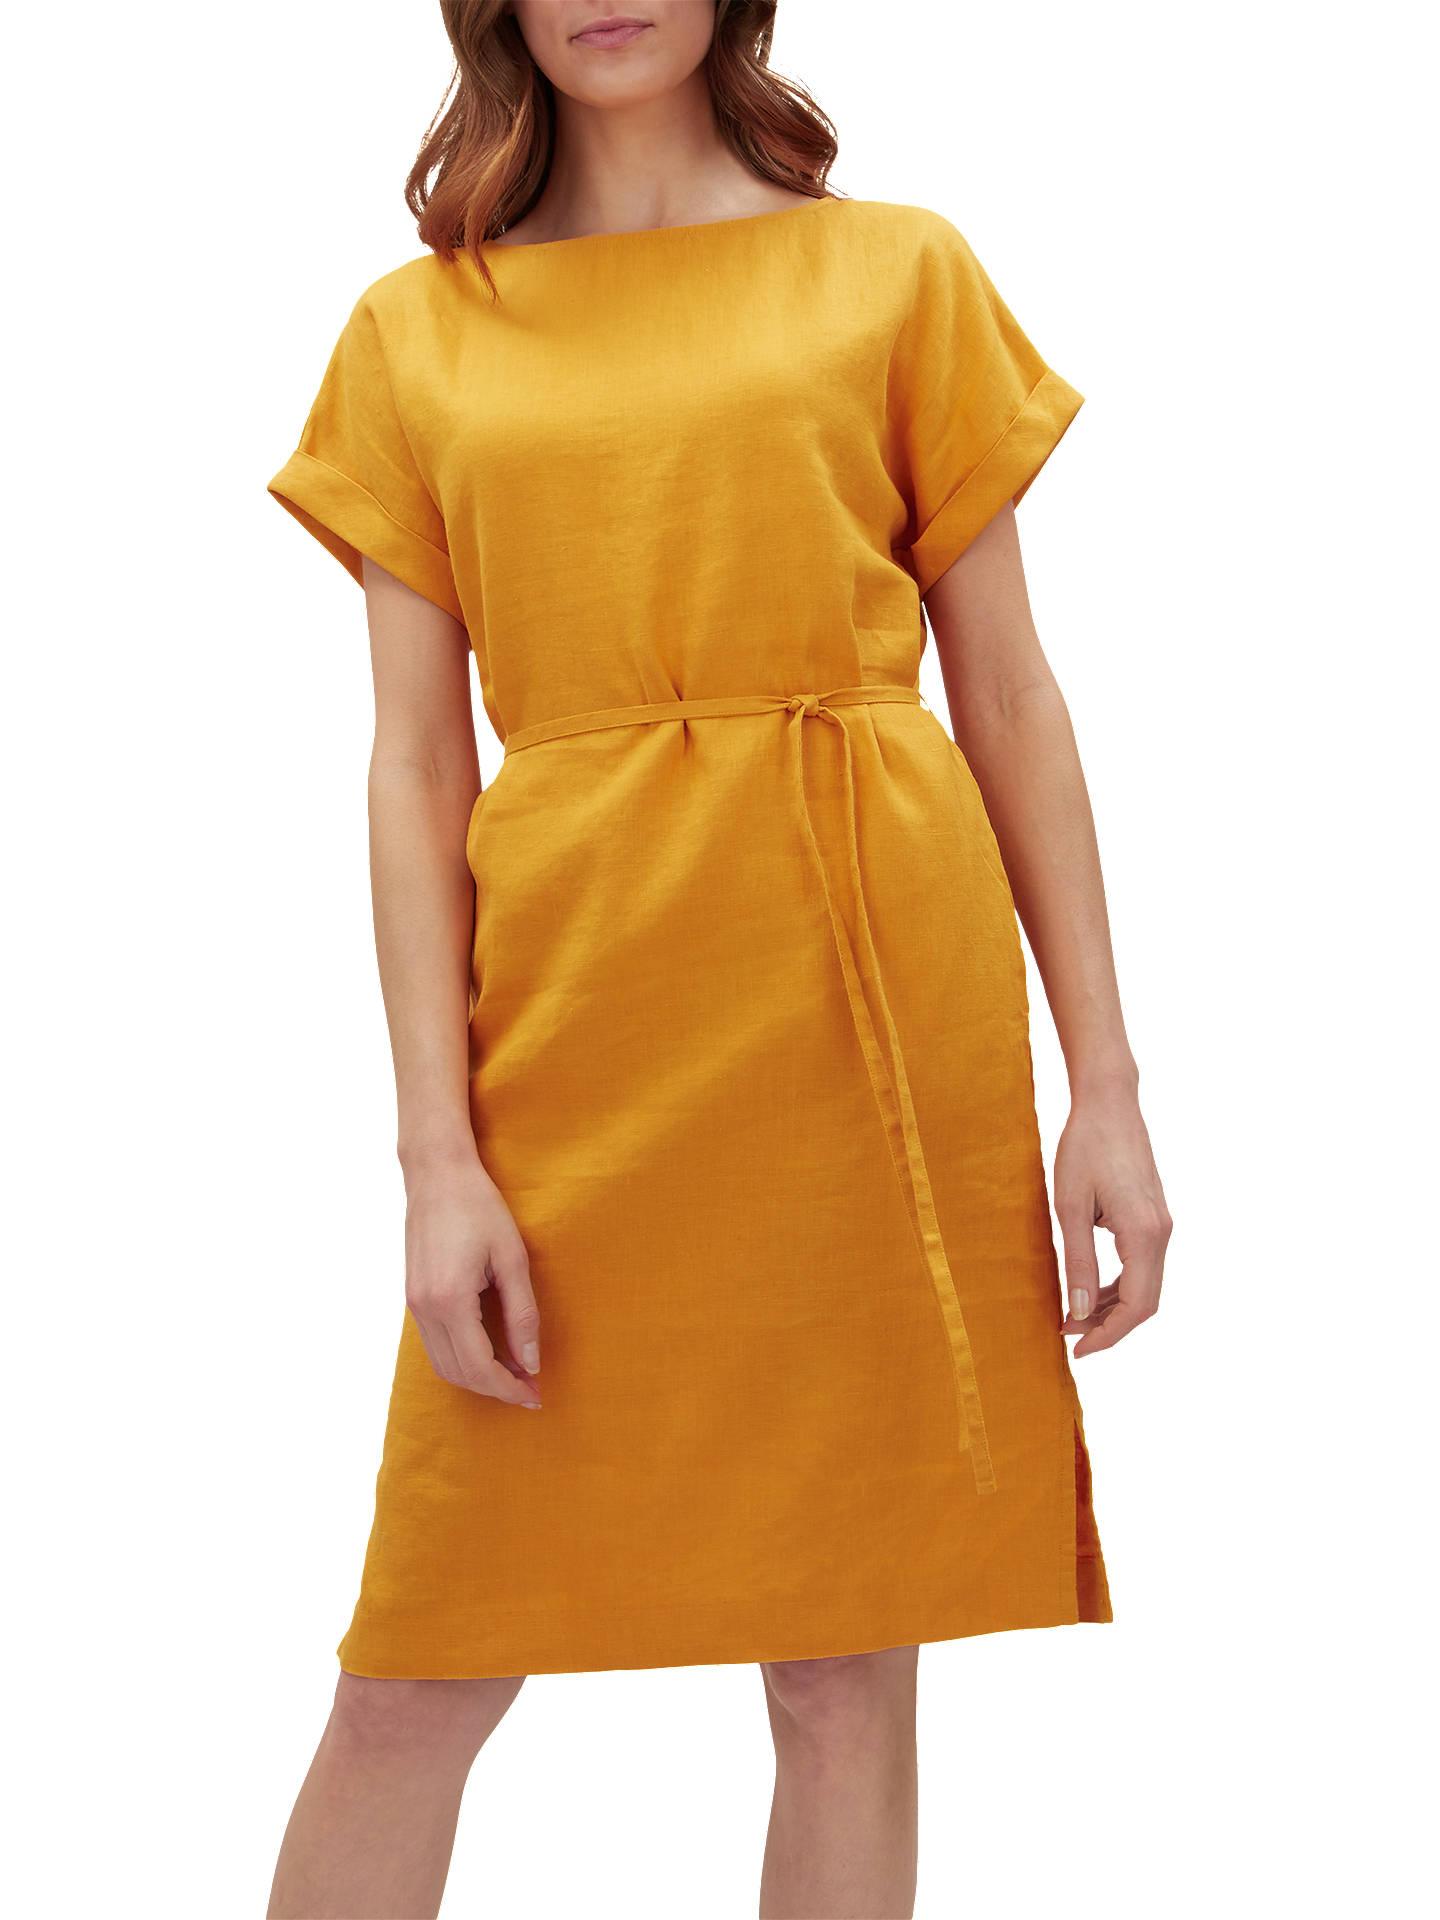 4428ed1c431 Buy Jaeger Belted Linen Dress